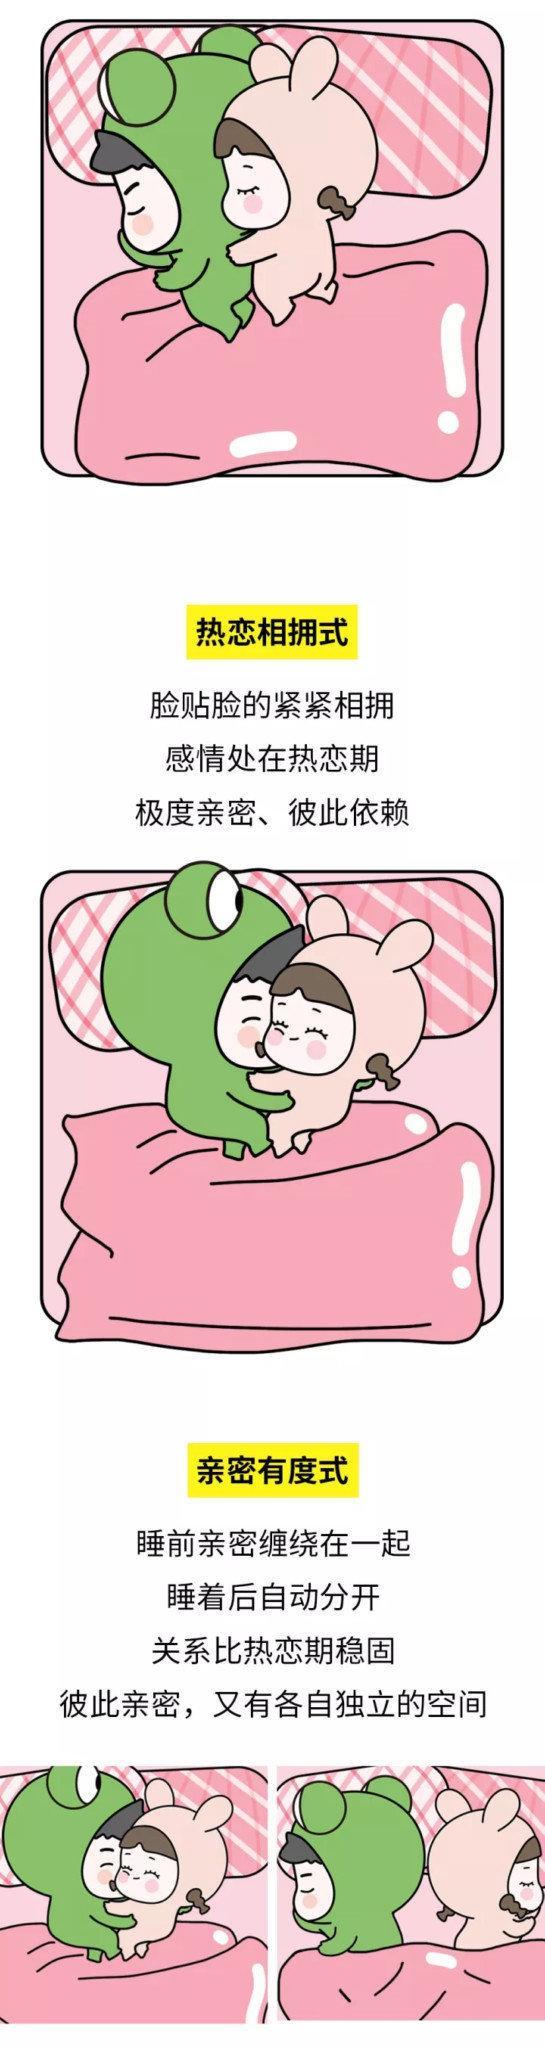 情侣睡觉的正确姿势大全, 看的劳资嫩脸一红